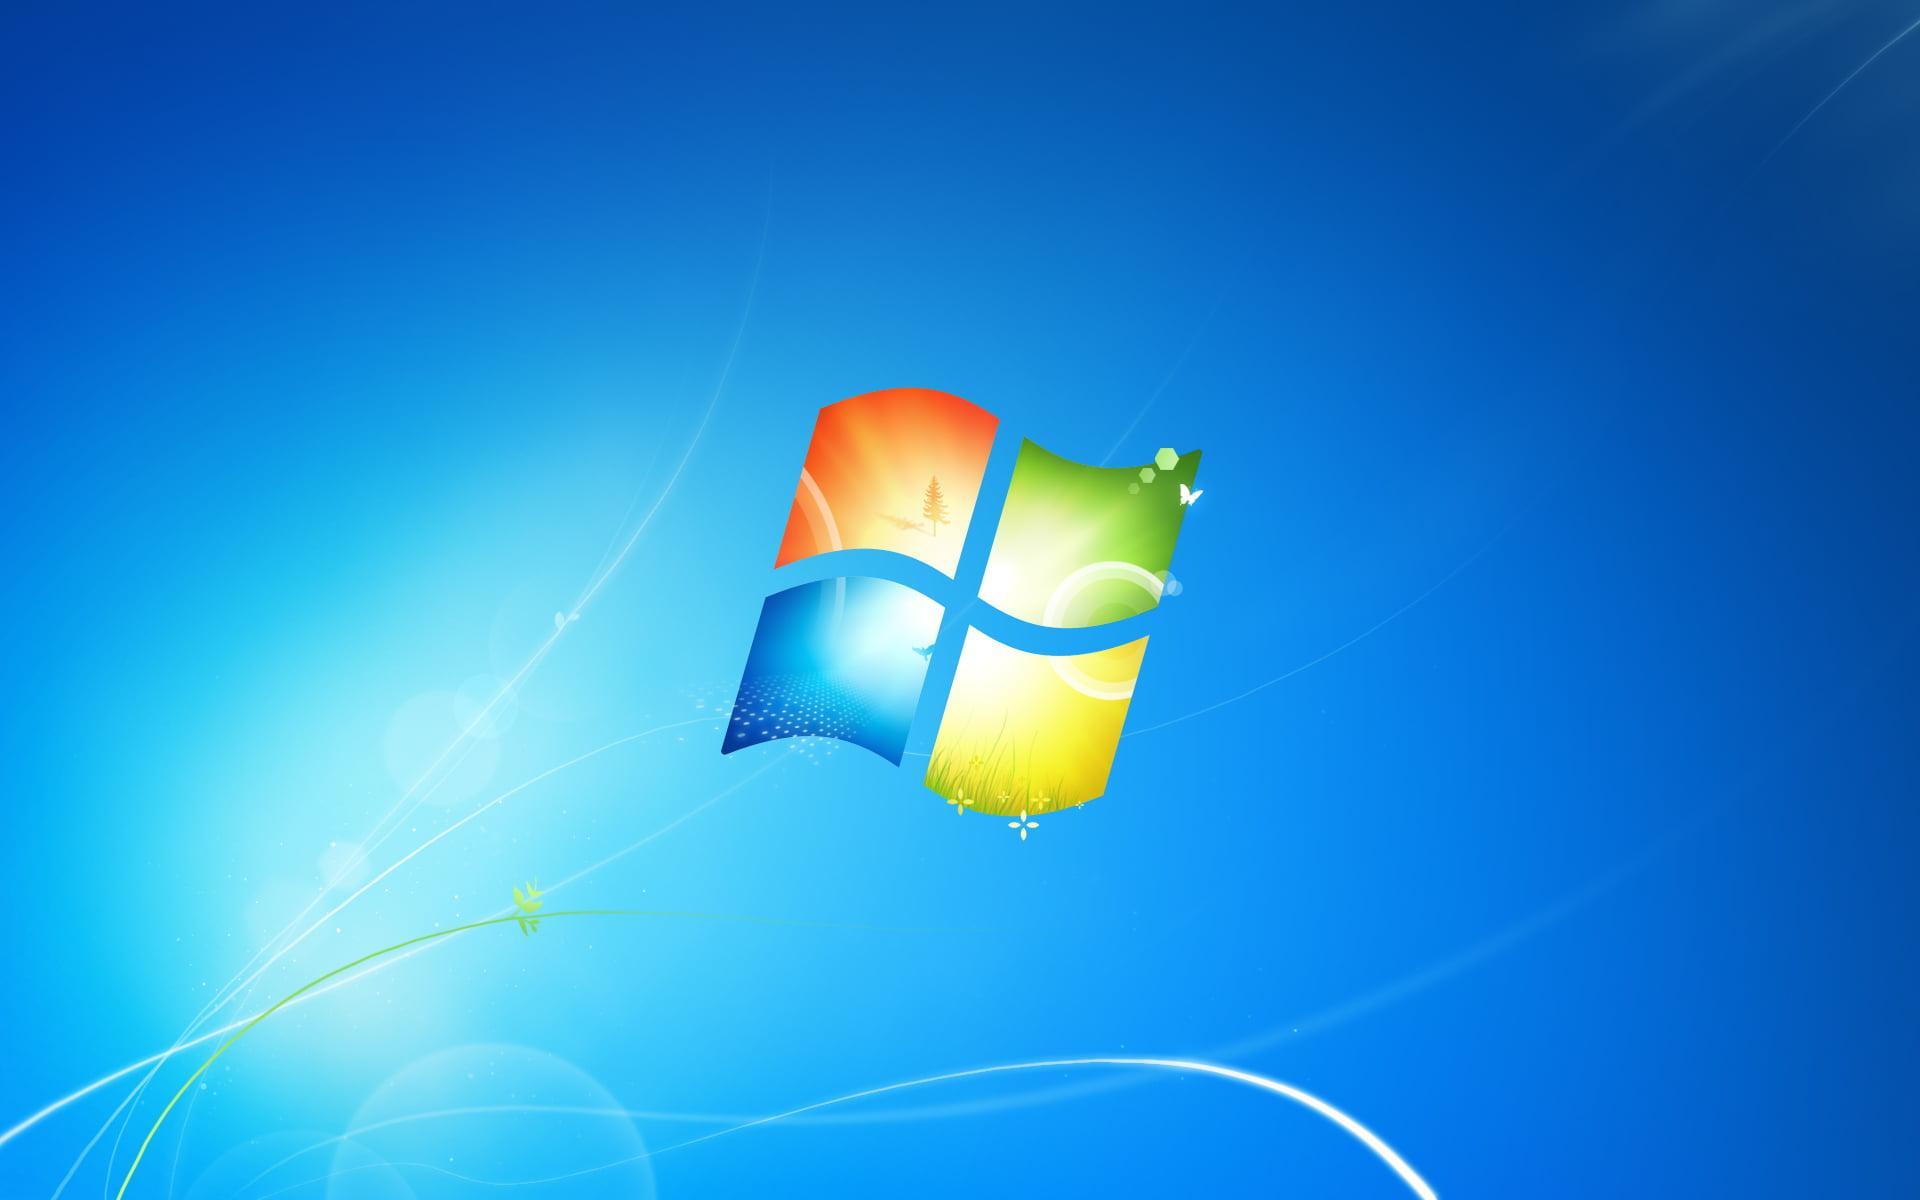 Descubierta una vulnerabilidad Zero Day en Windows 7 por error